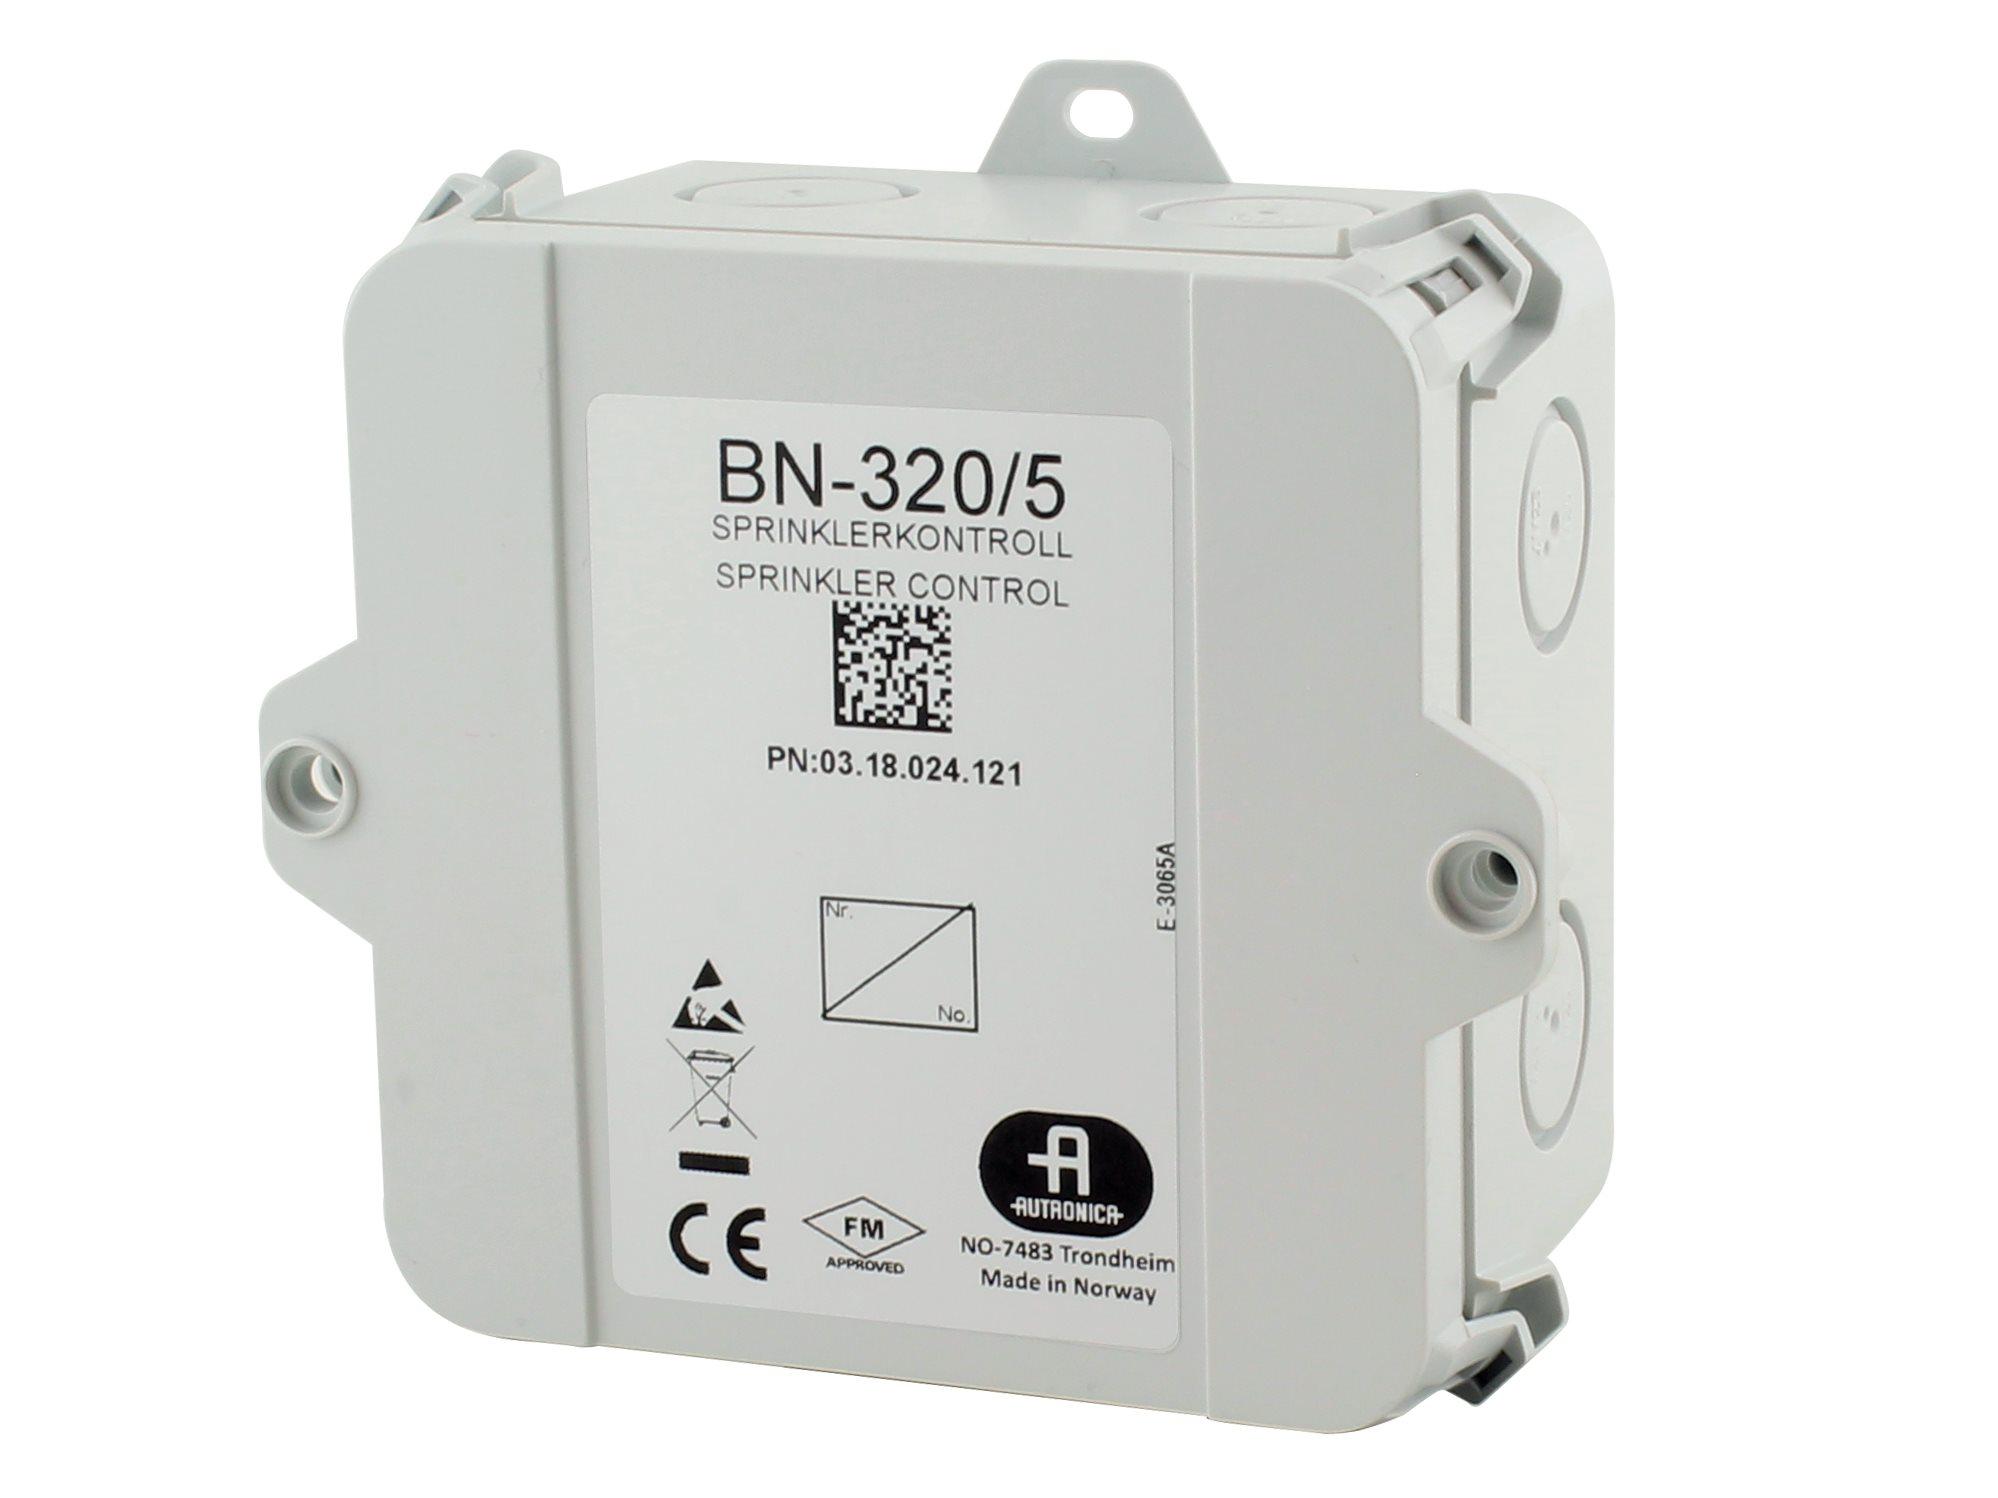 Sprinklermodule BN-320/5